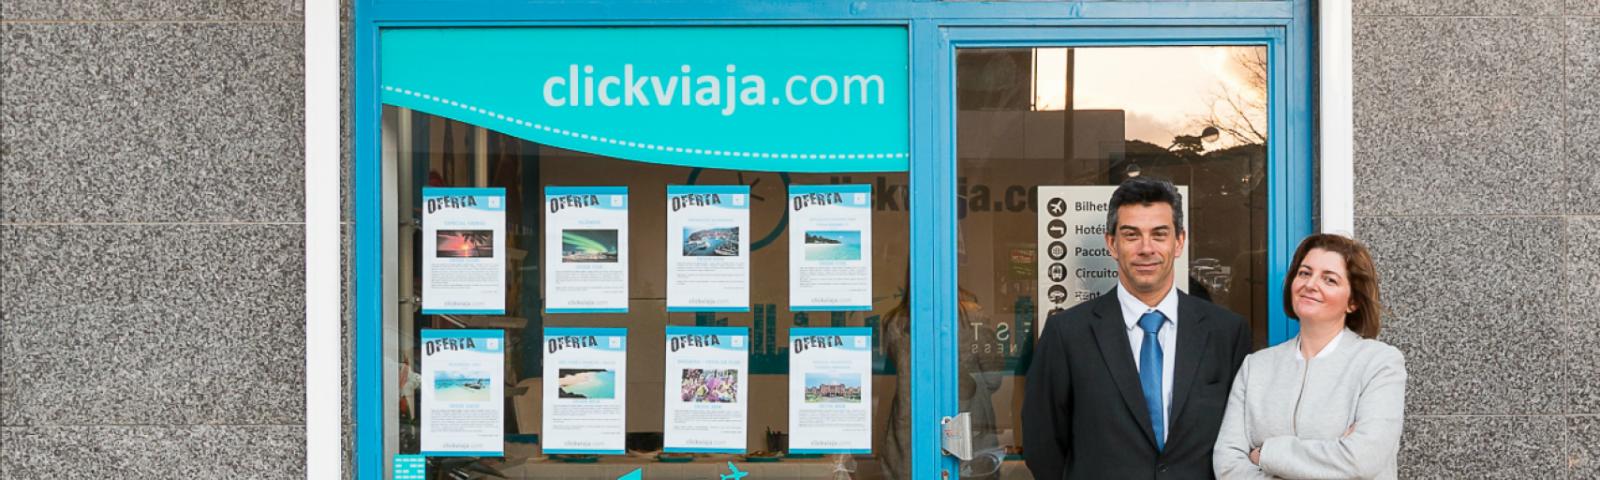 Clickviaja.com abre unidade no Restelo